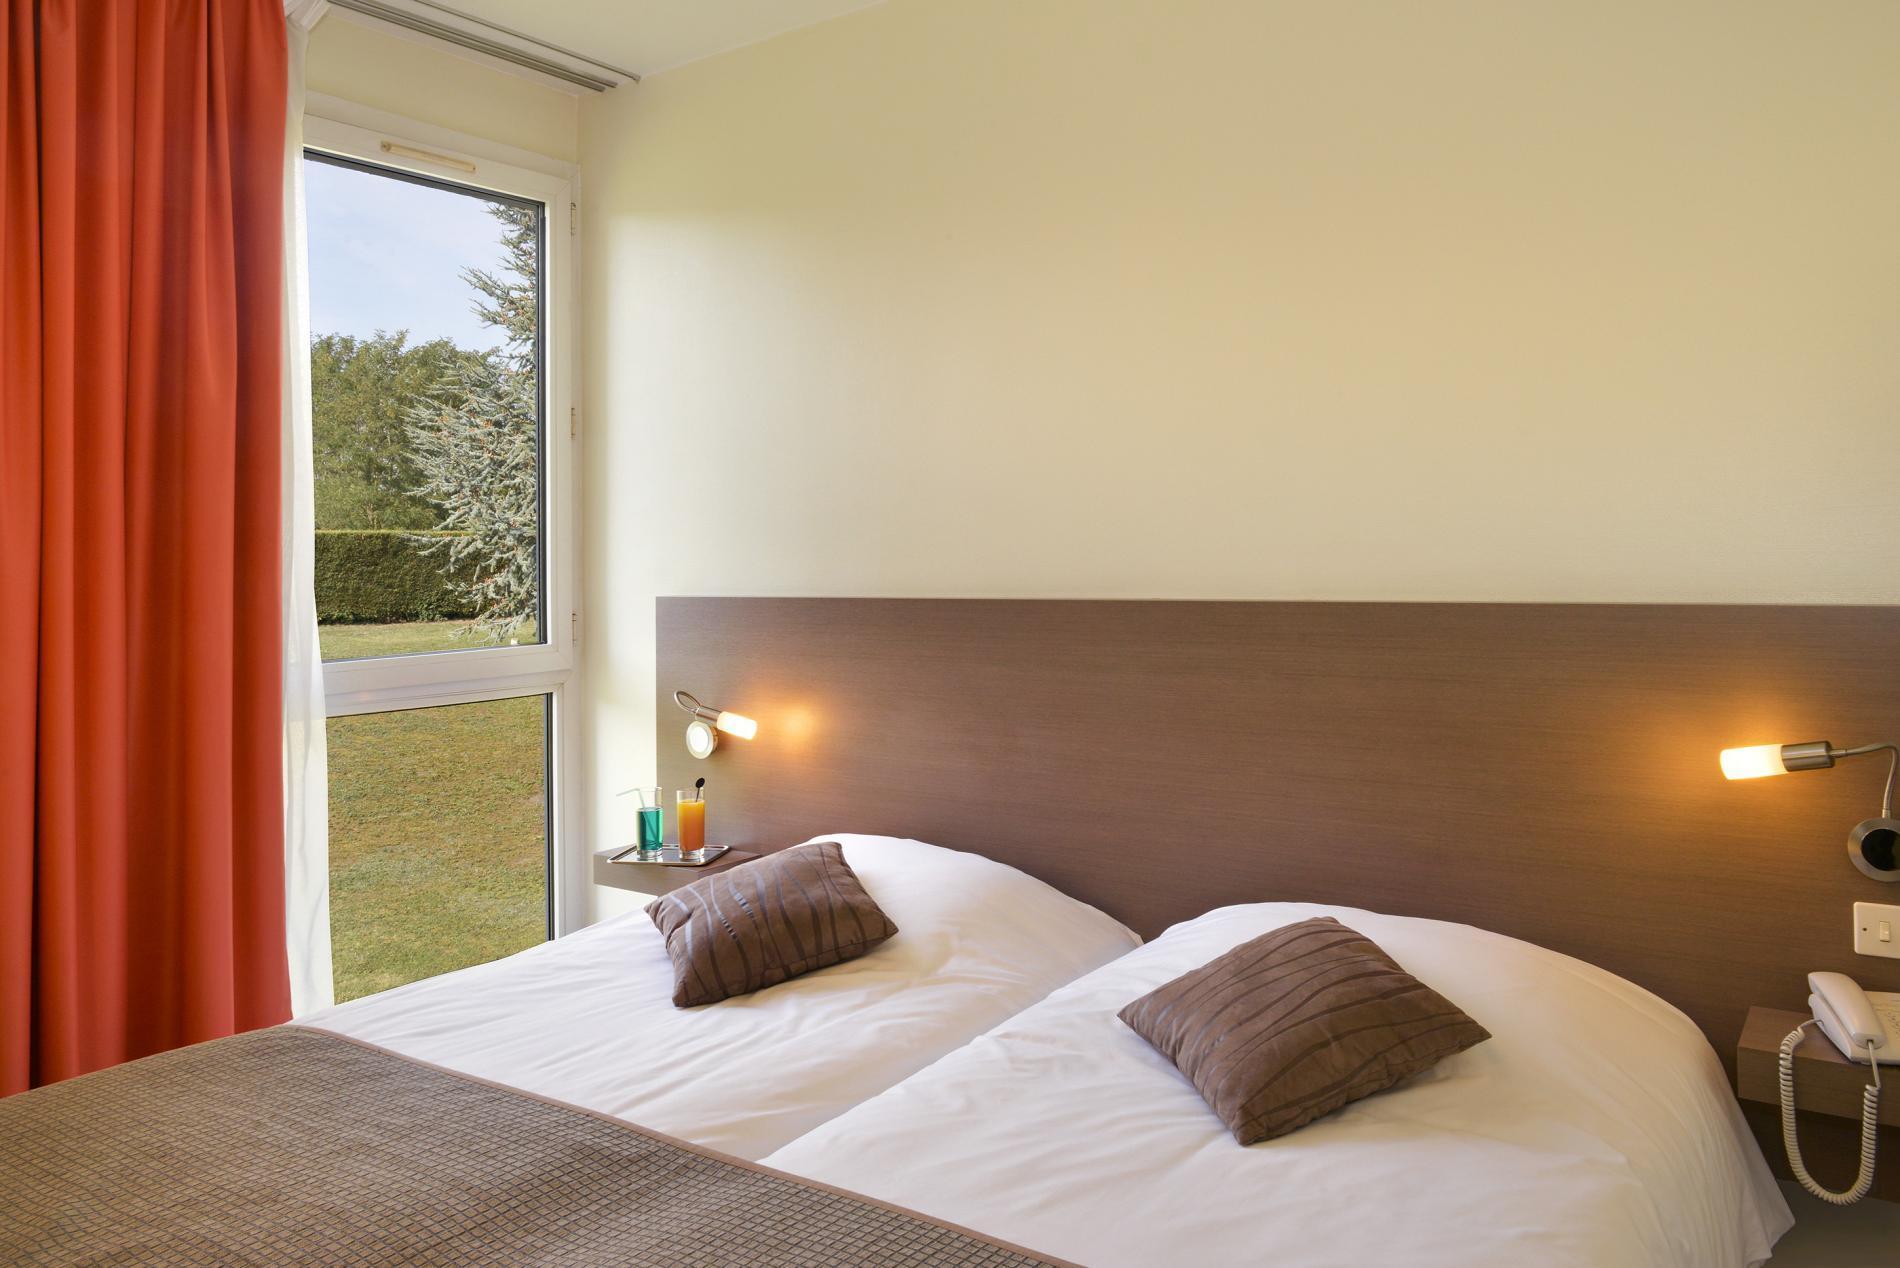 Chambre avec vue sur parc et Cité médiévale de Loches (sur demande)